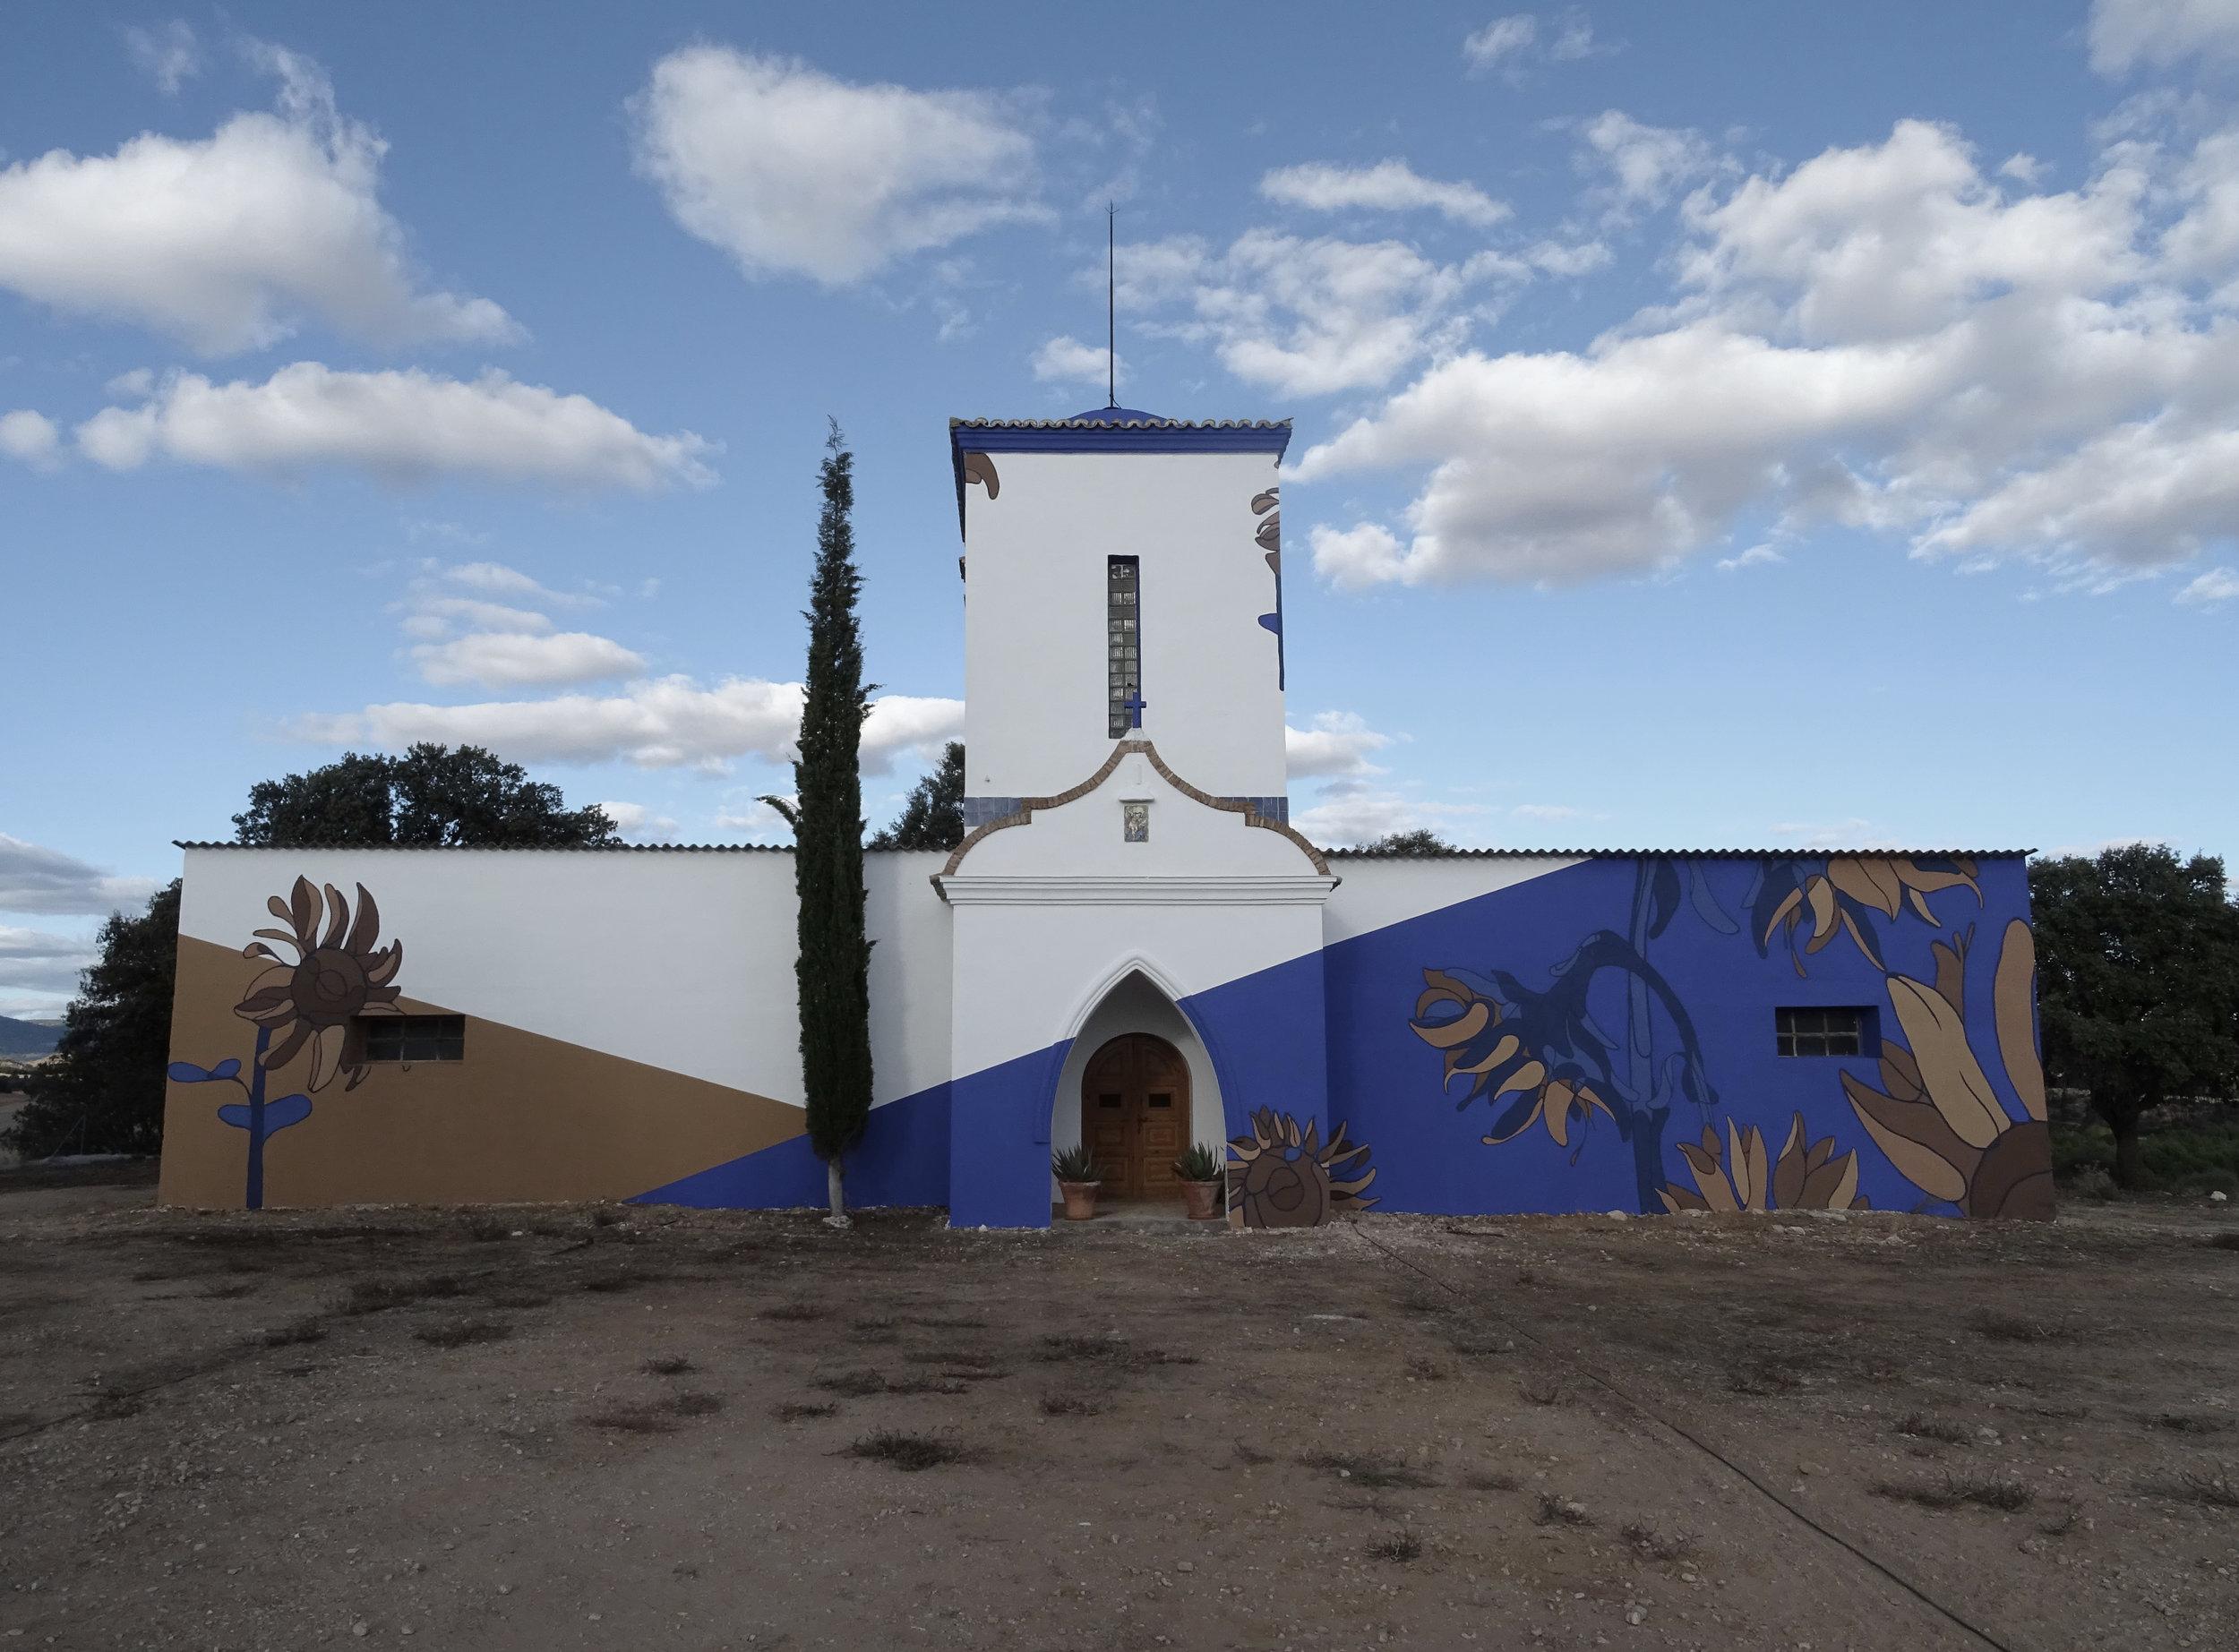 La Alcarria, Guadalajara, Spain. 2017